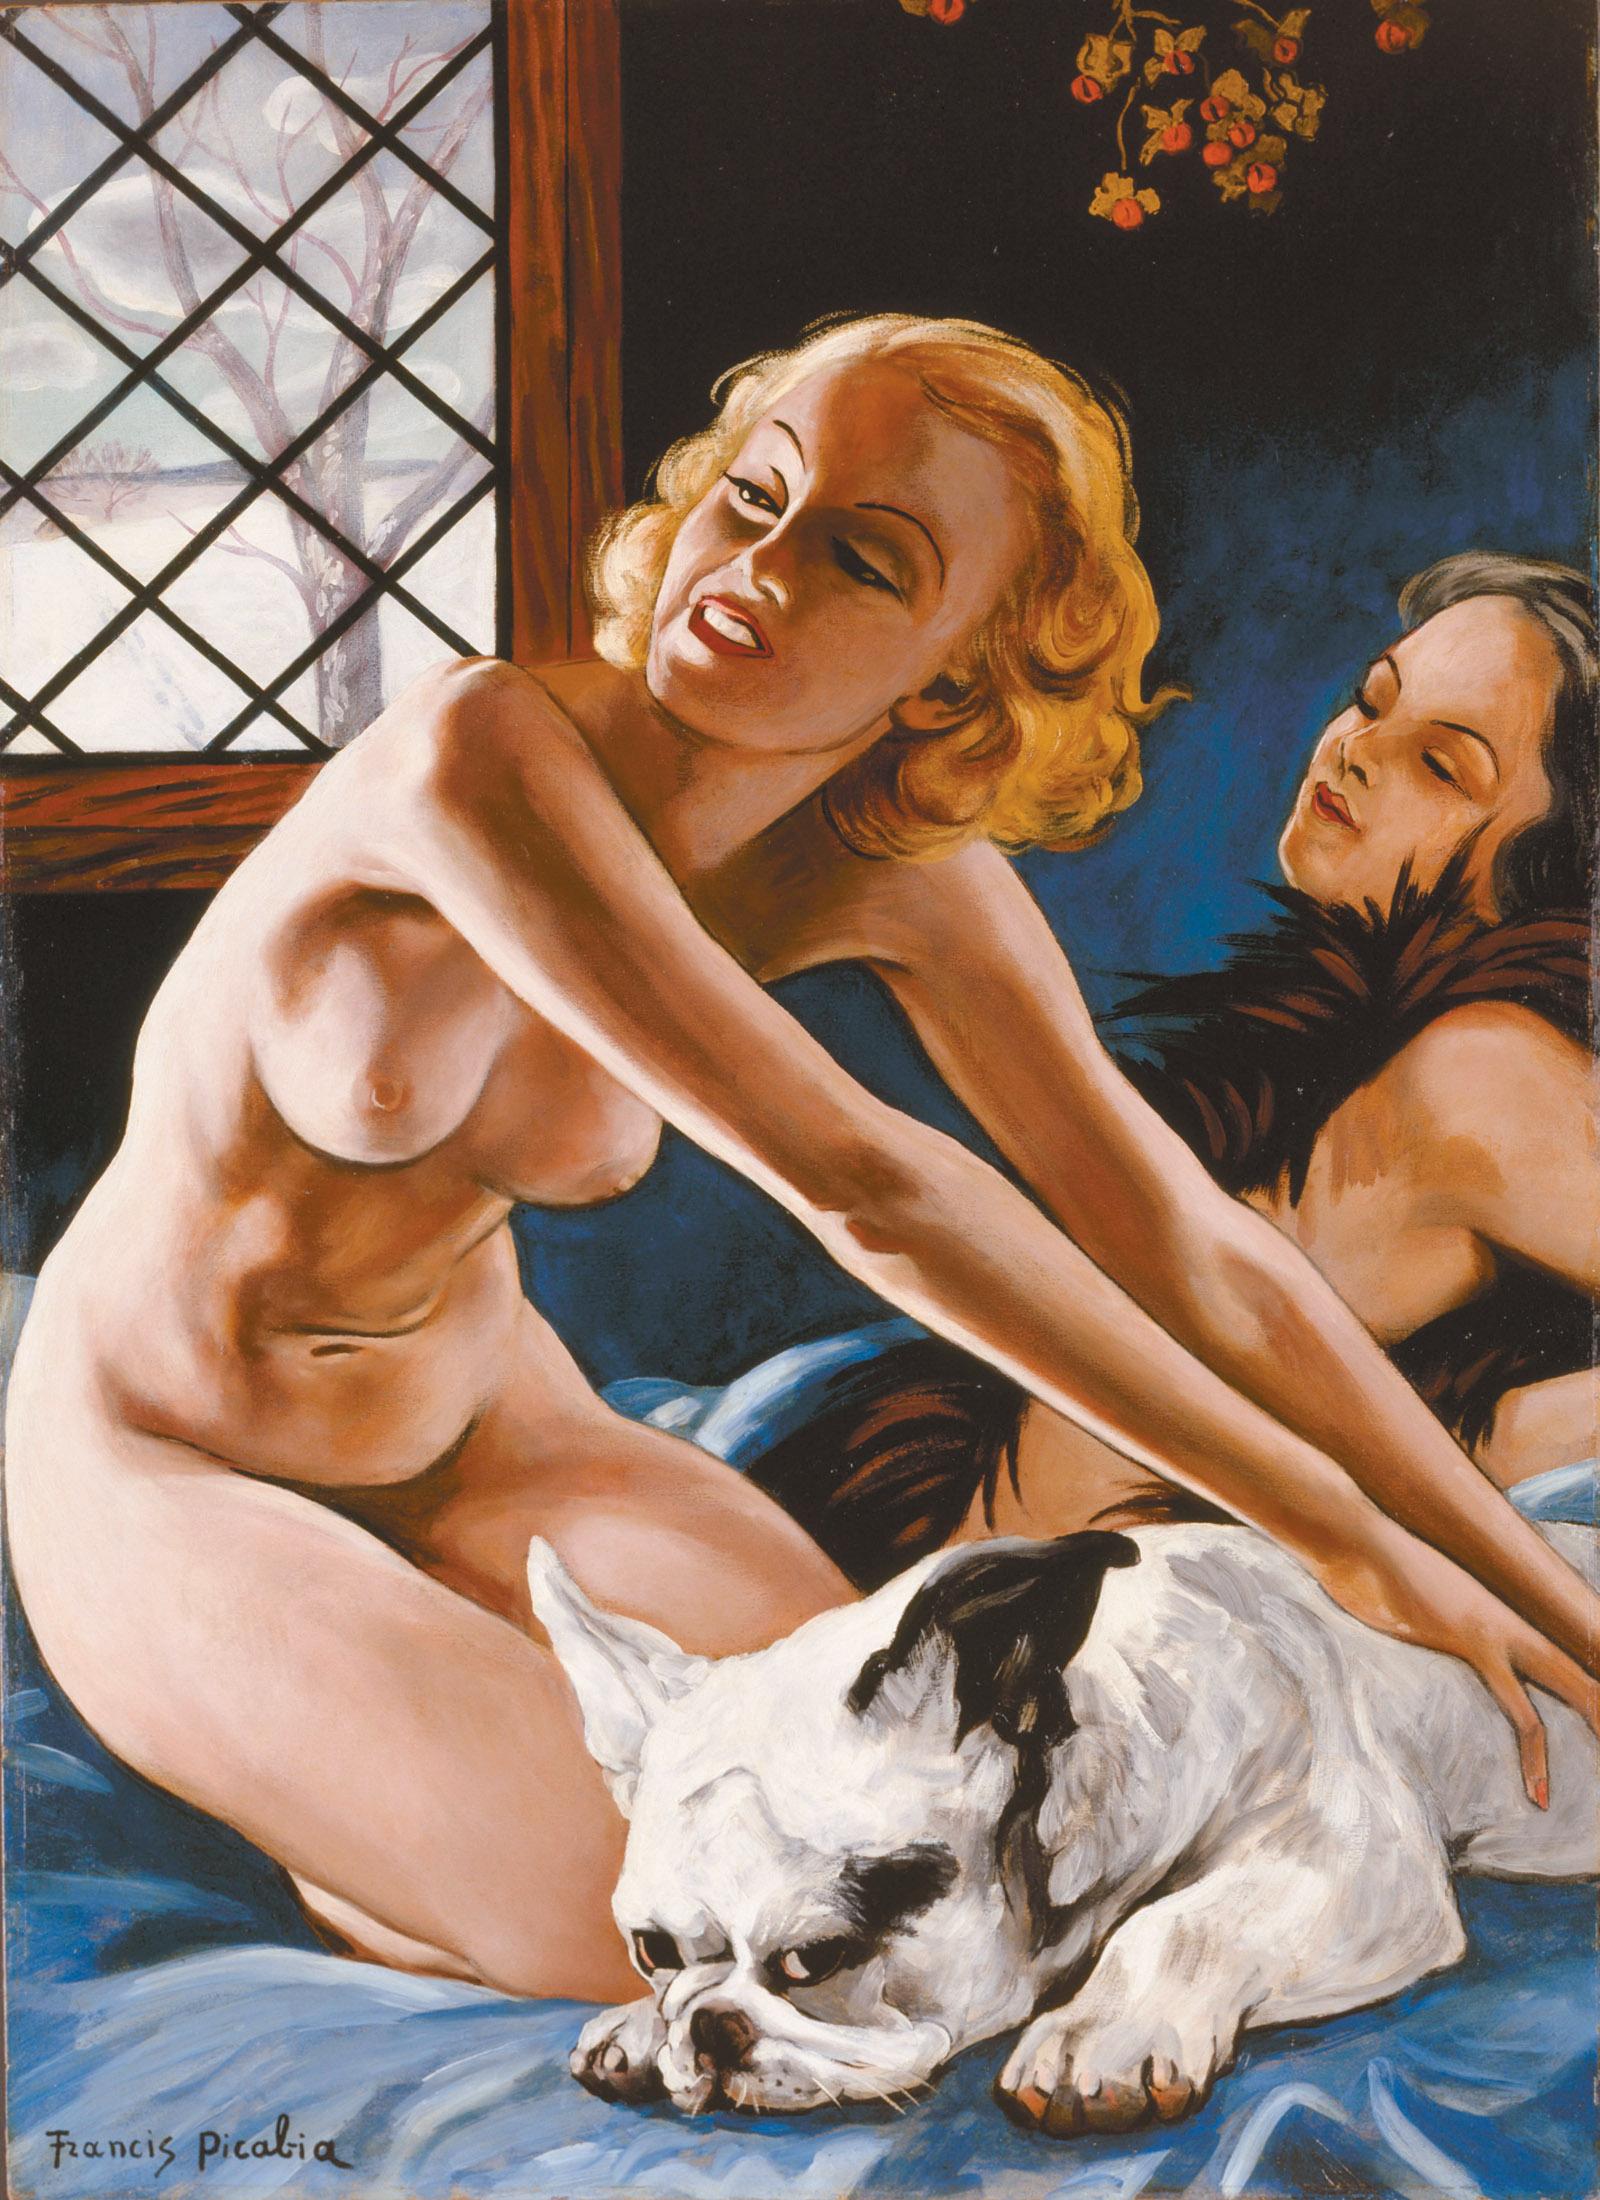 Francis Picabia: Femmes au bull-dog (Women with Bulldog), 41 3/4 x 29 15/16 inches, circa 1941